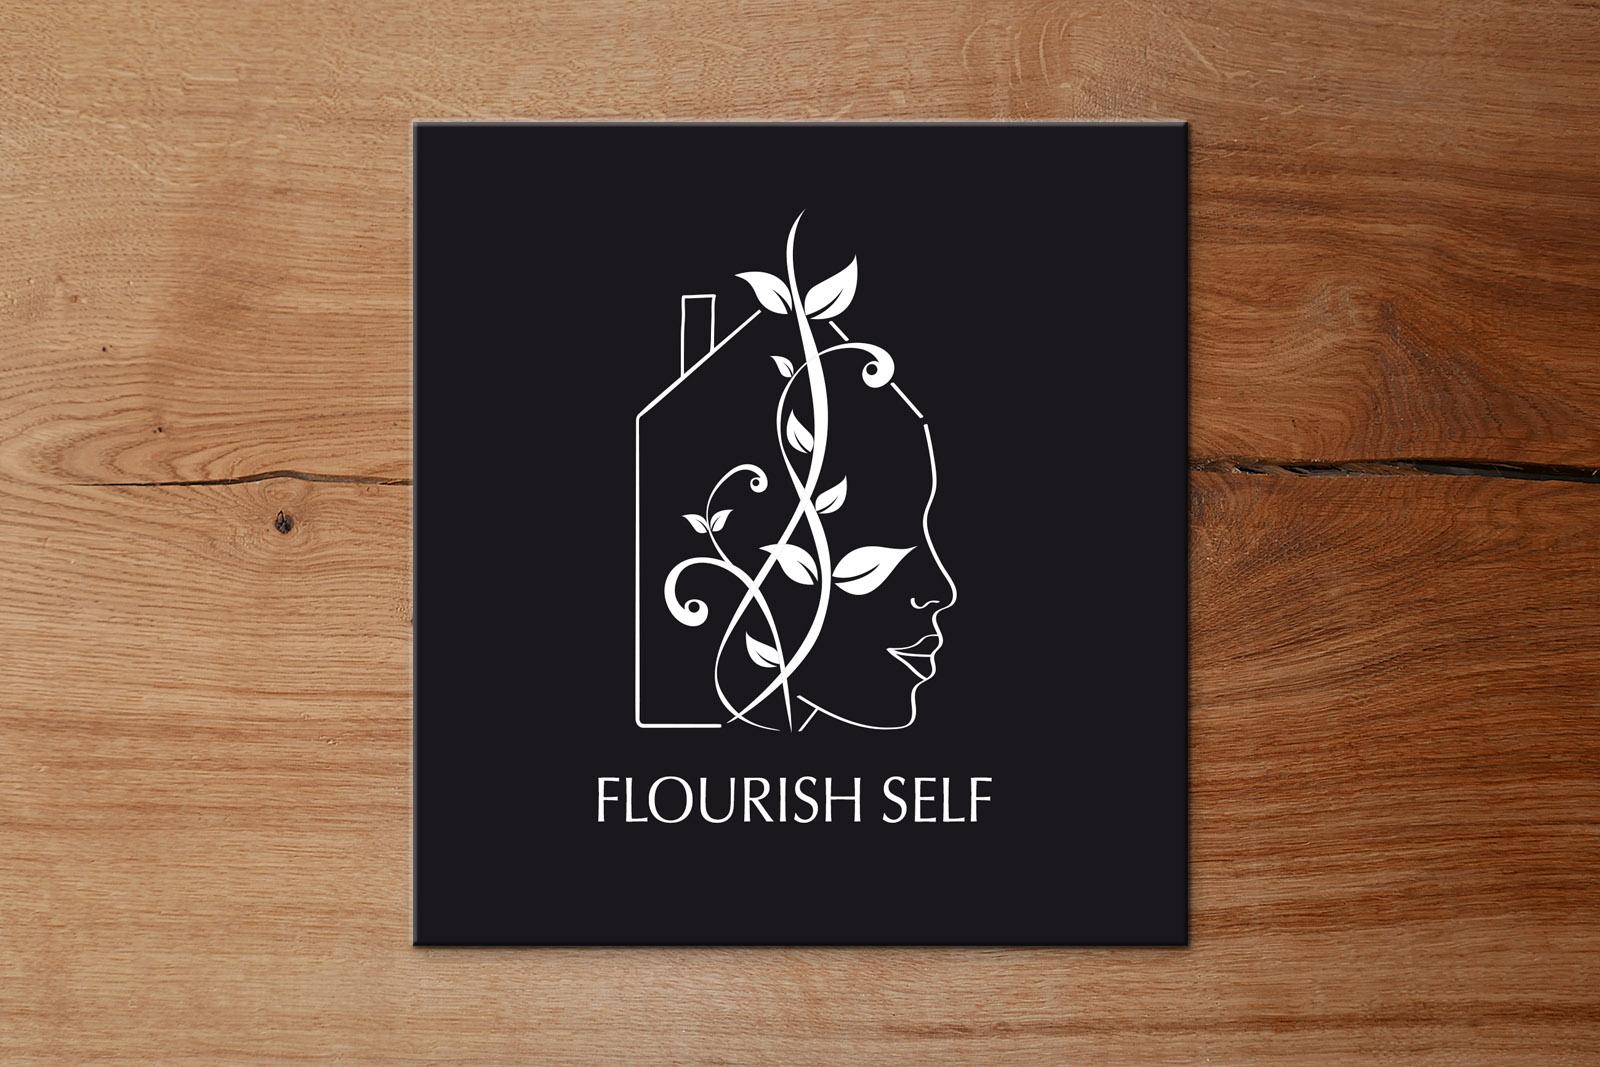 Flourish Self